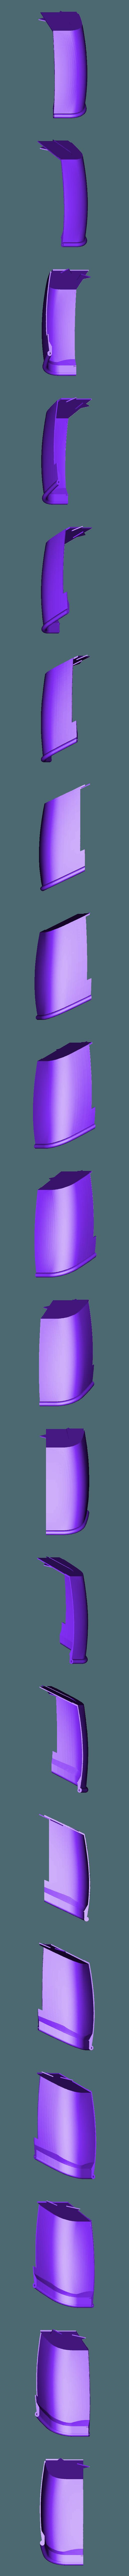 Front_Body_TR.stl Télécharger fichier STL gratuit Mario + Lapins Crétins - Plumer's Helper Boomshot • Modèle pour impression 3D, Dsk